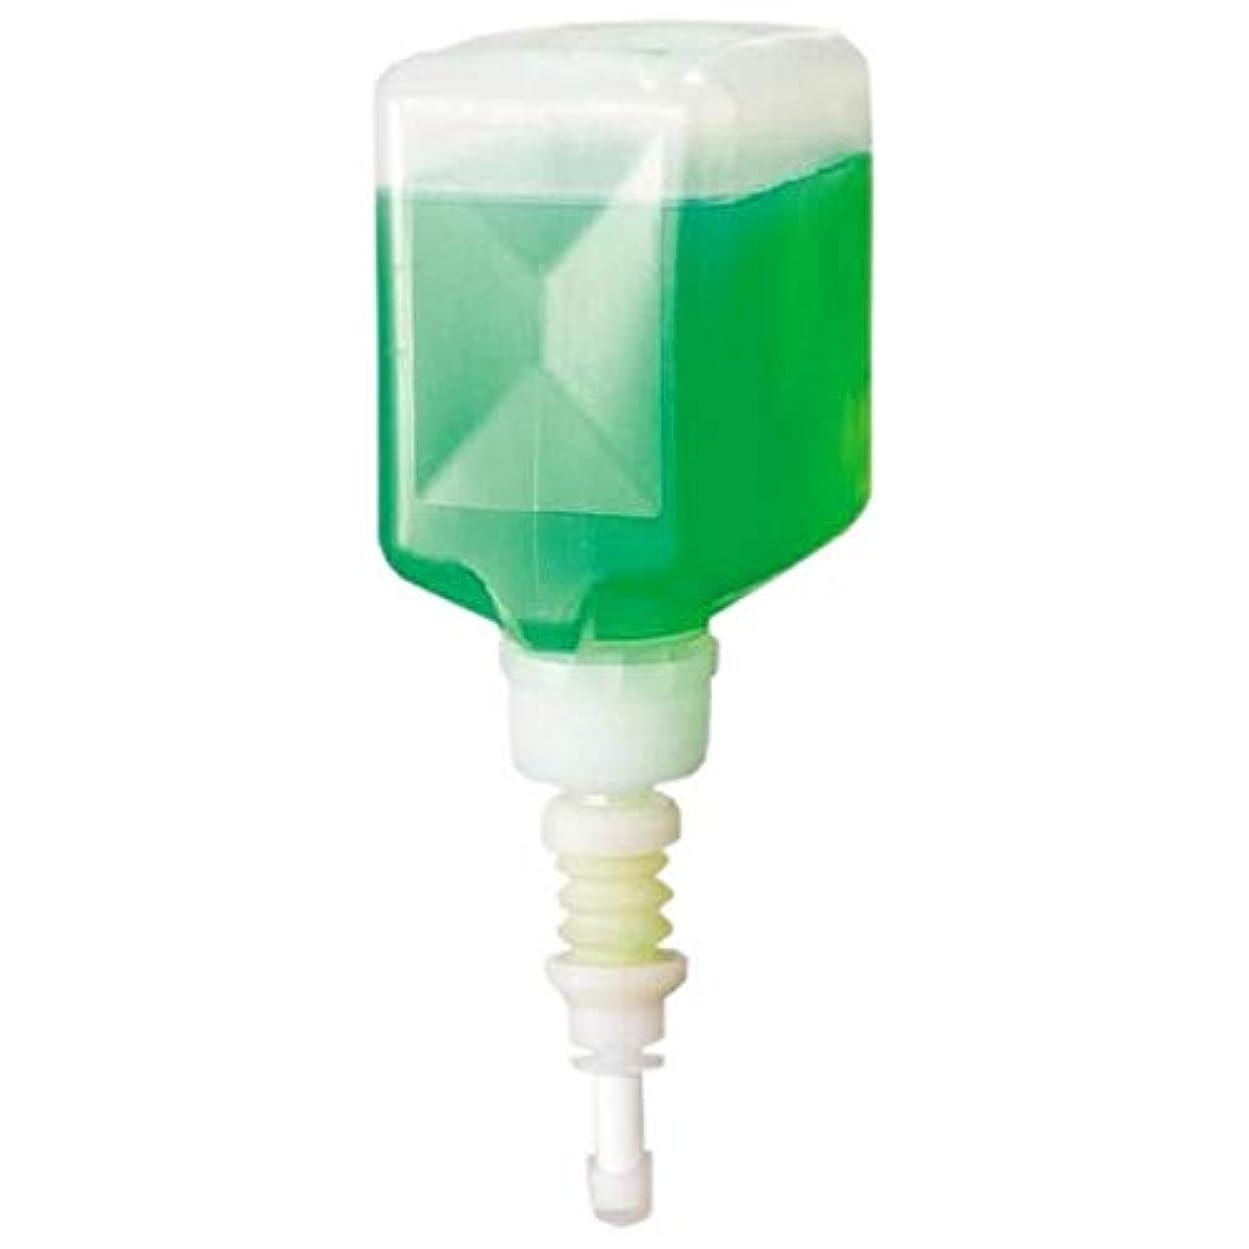 騙すコンサート最も遠いスタイルデコ シャボネット石けん液Fデコ専用薬液 緑色